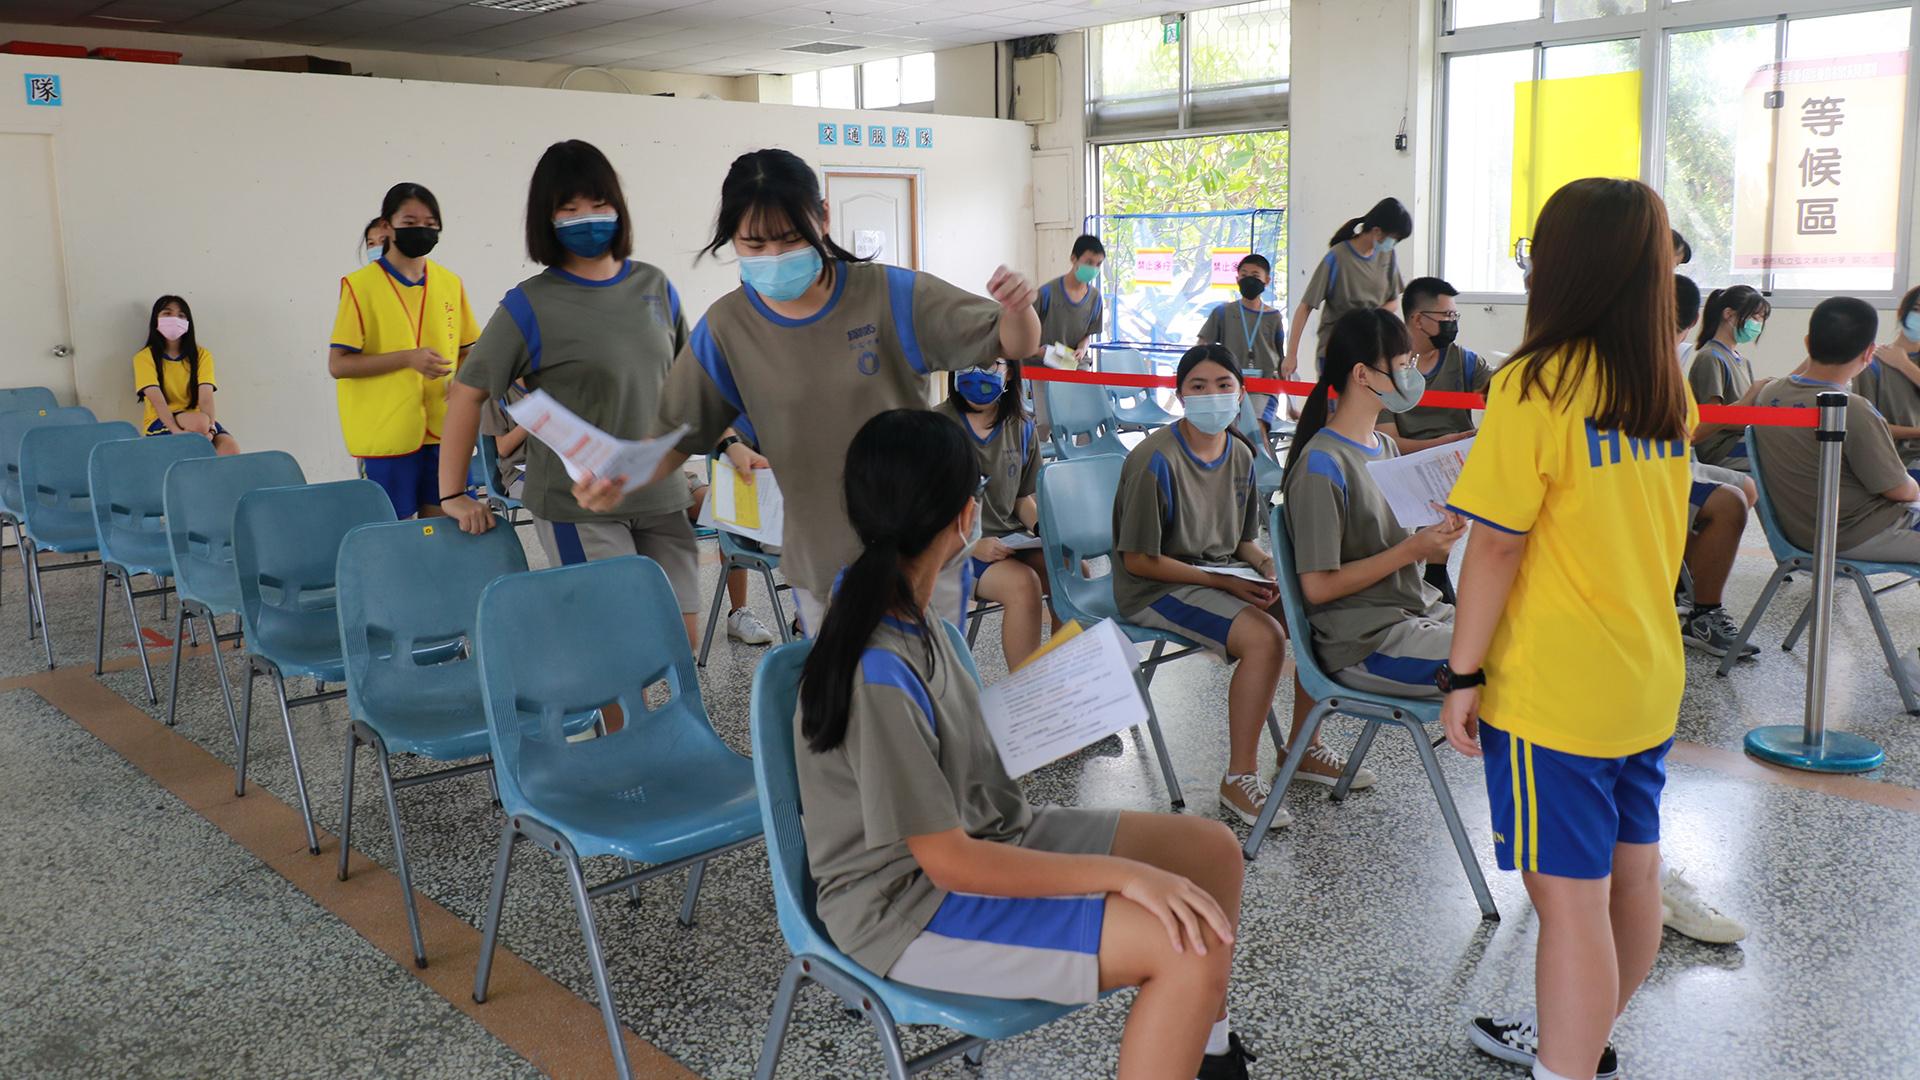 弘文中學高中部學長姊(著黃上衣)協助維持秩序。